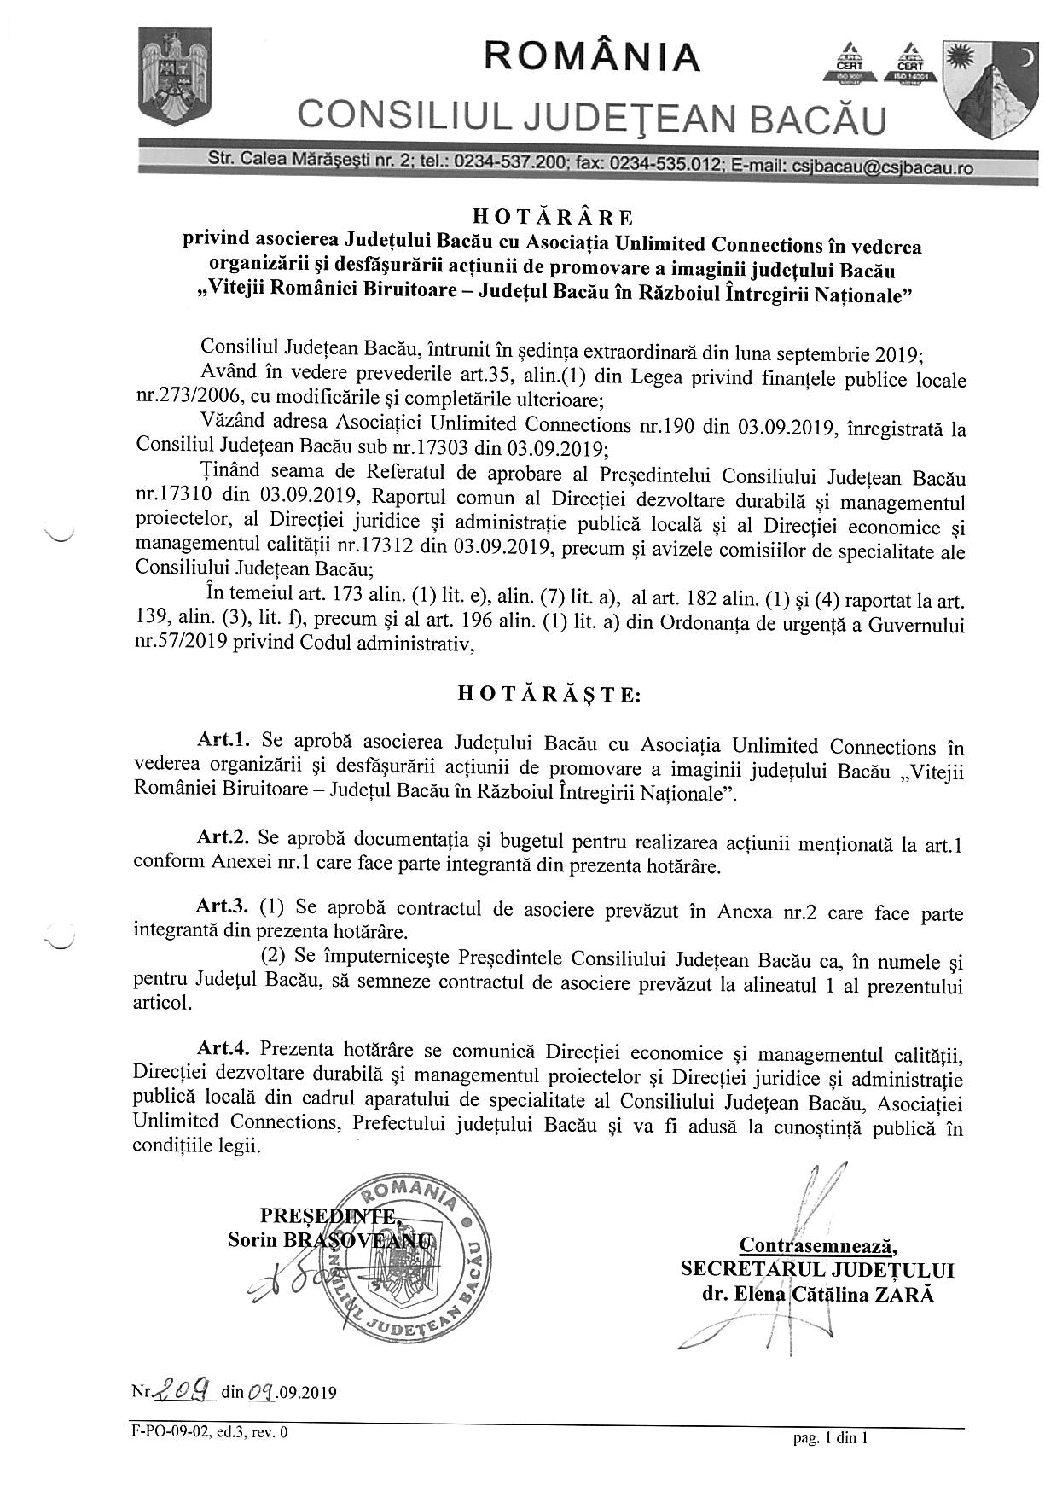 Și-au bătut joc de DEDEMAN! O biruință pentru Brașoveanu și Benea de 80 000 de euro!